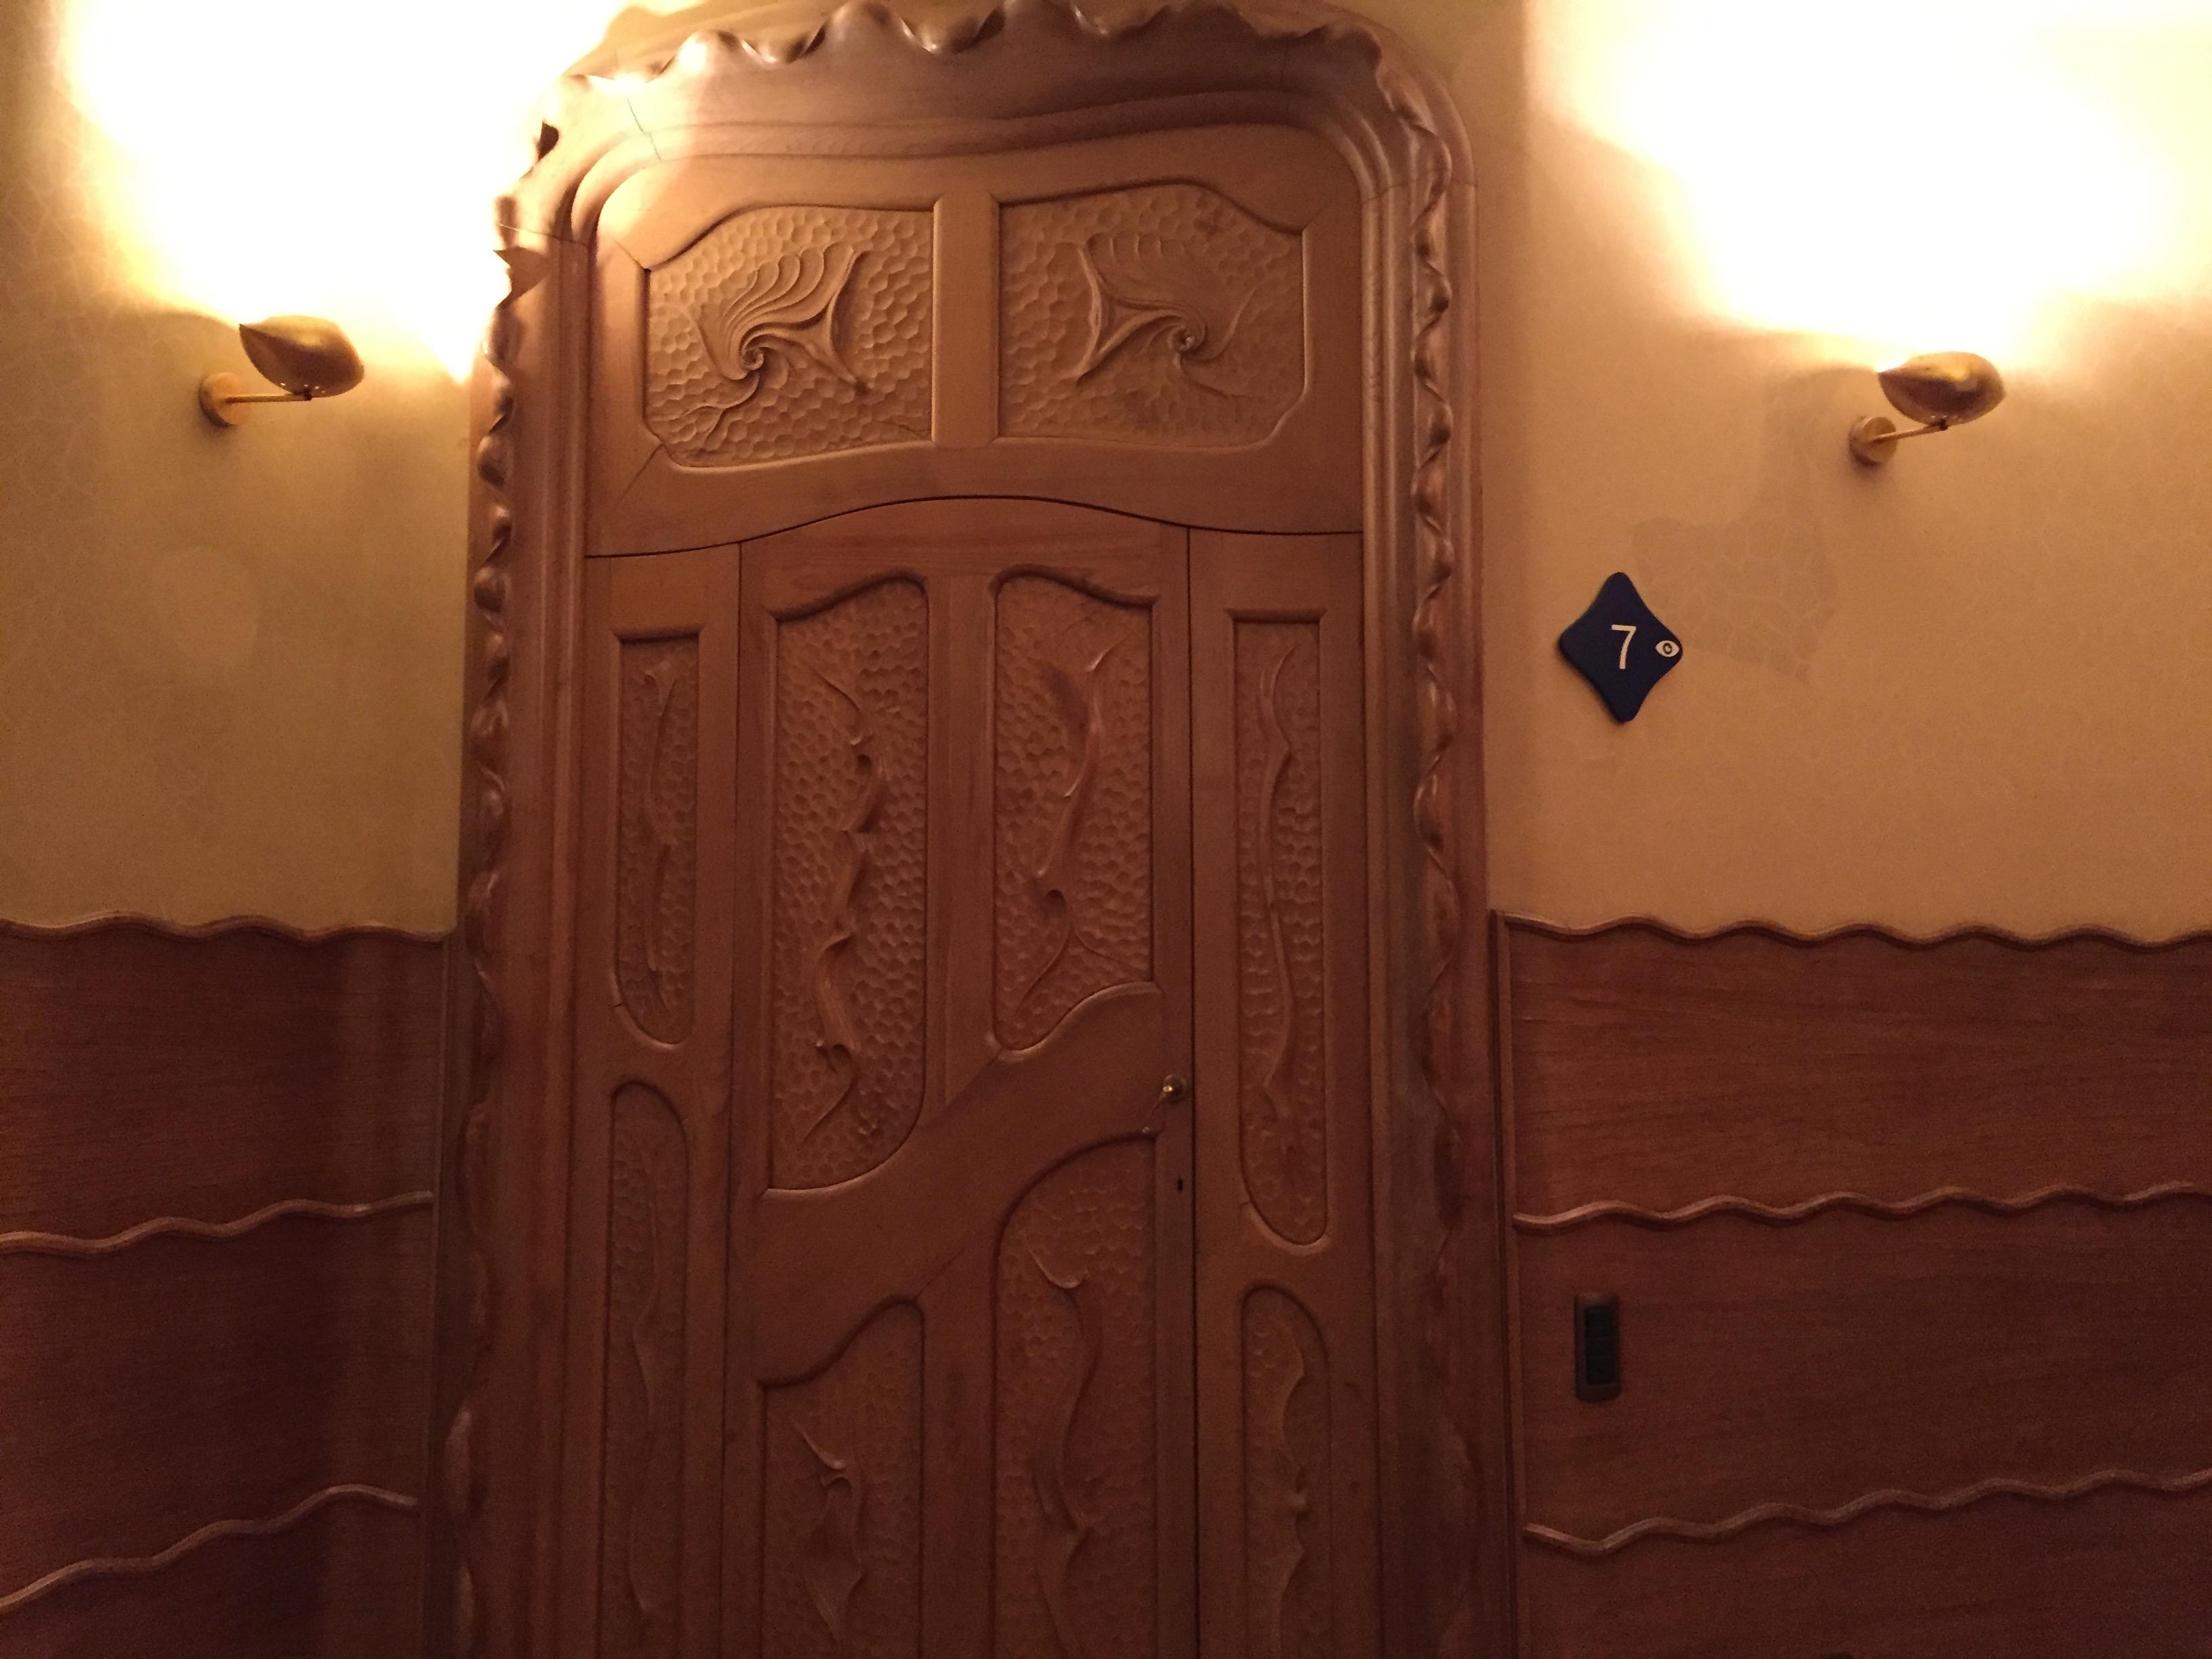 IMG 0862 - Visita a la Casa Batlló en Barcelona Parte II/II